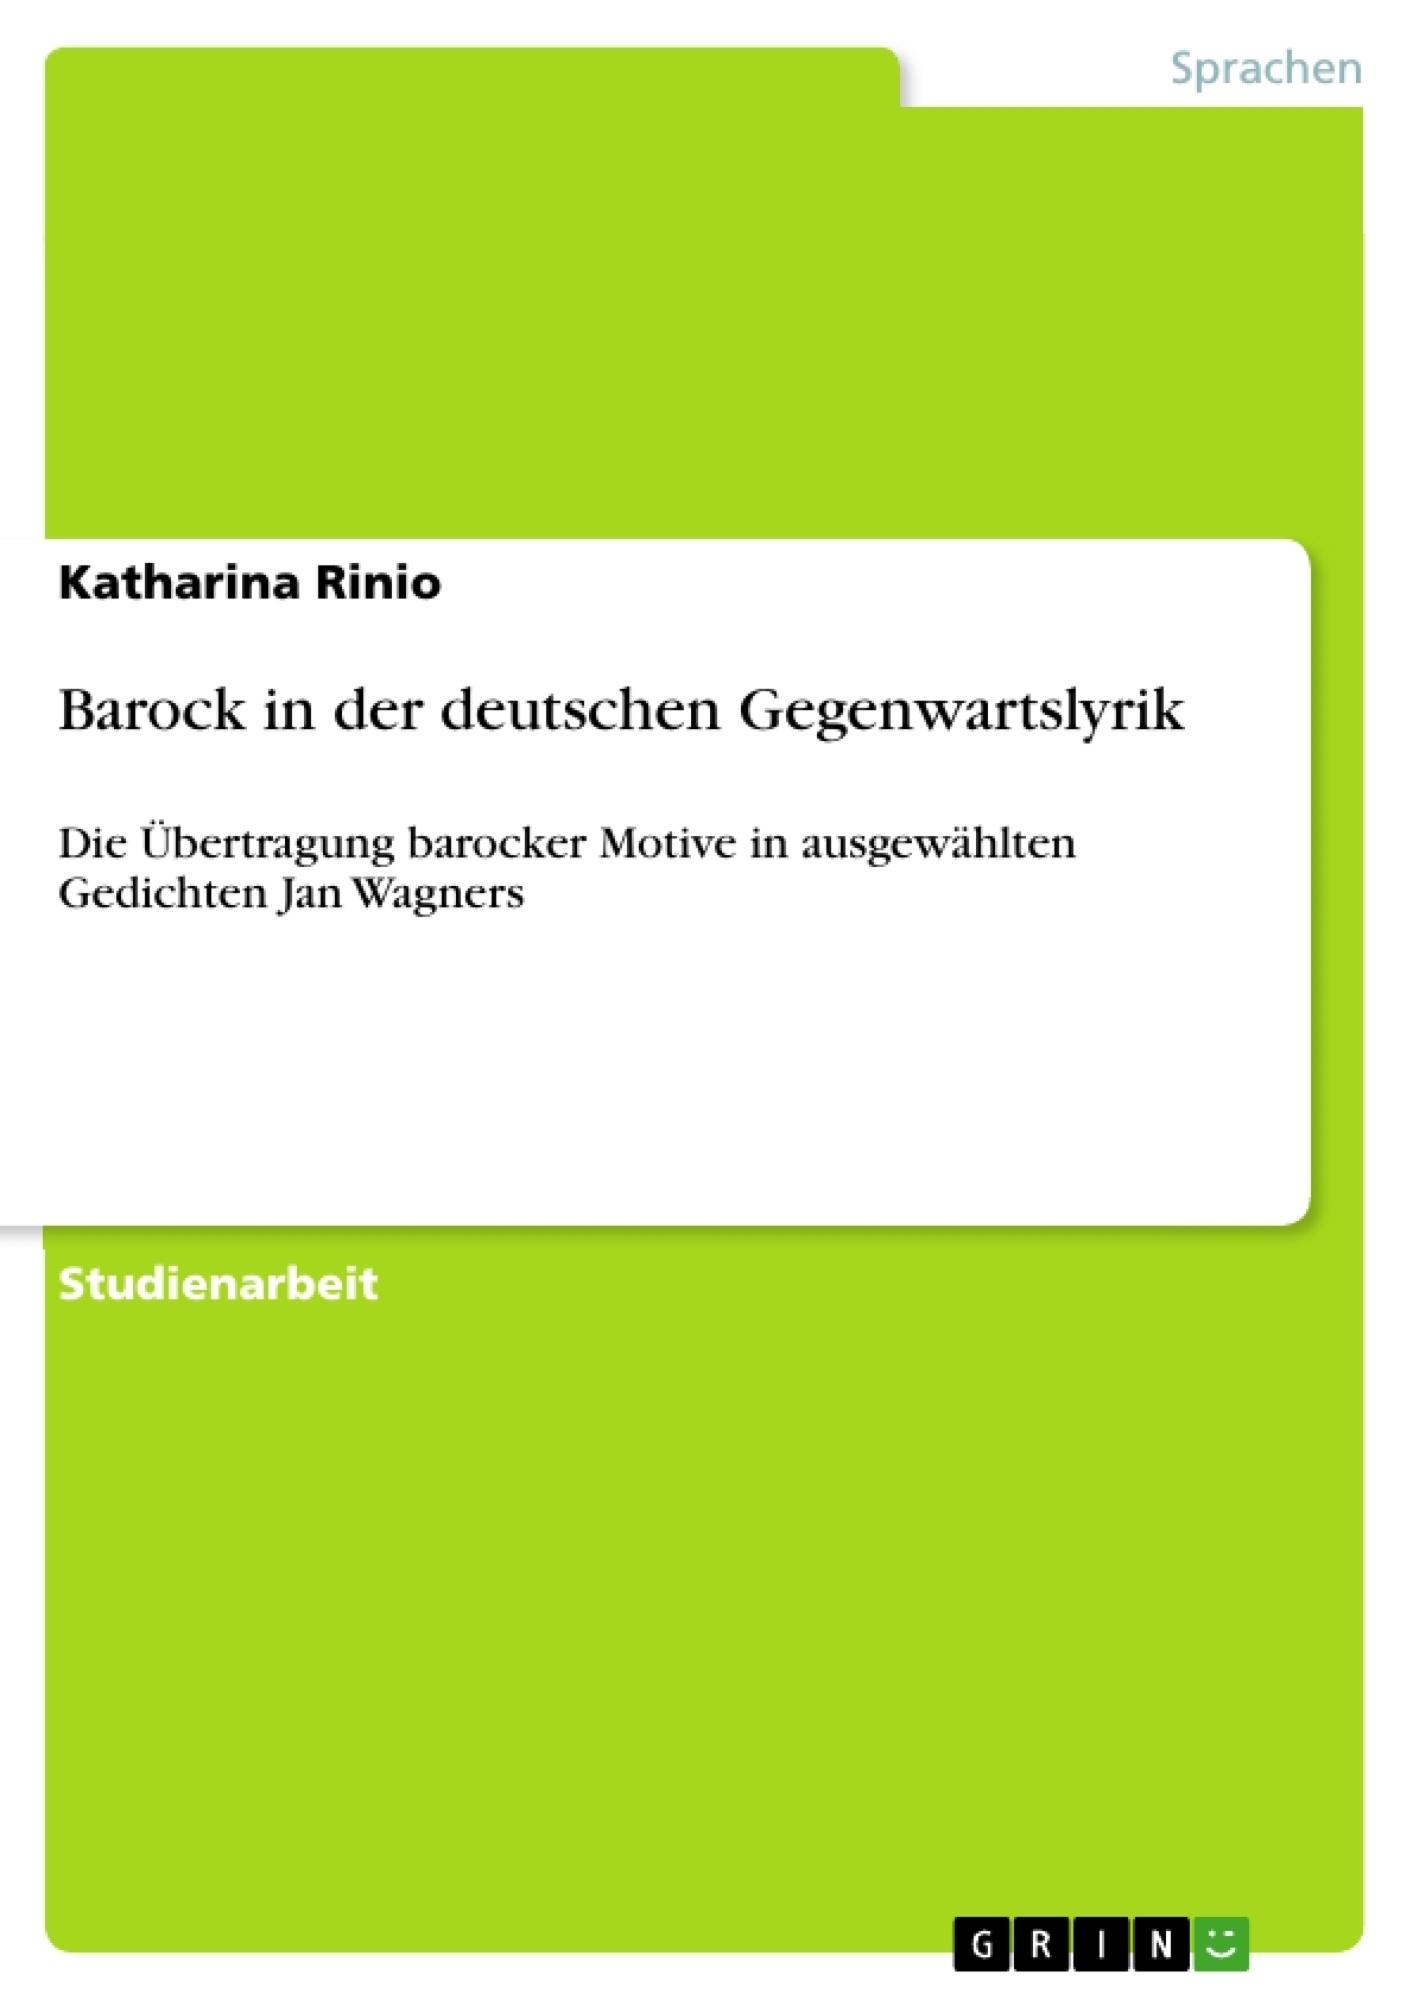 Titel: Barock in der deutschen Gegenwartslyrik